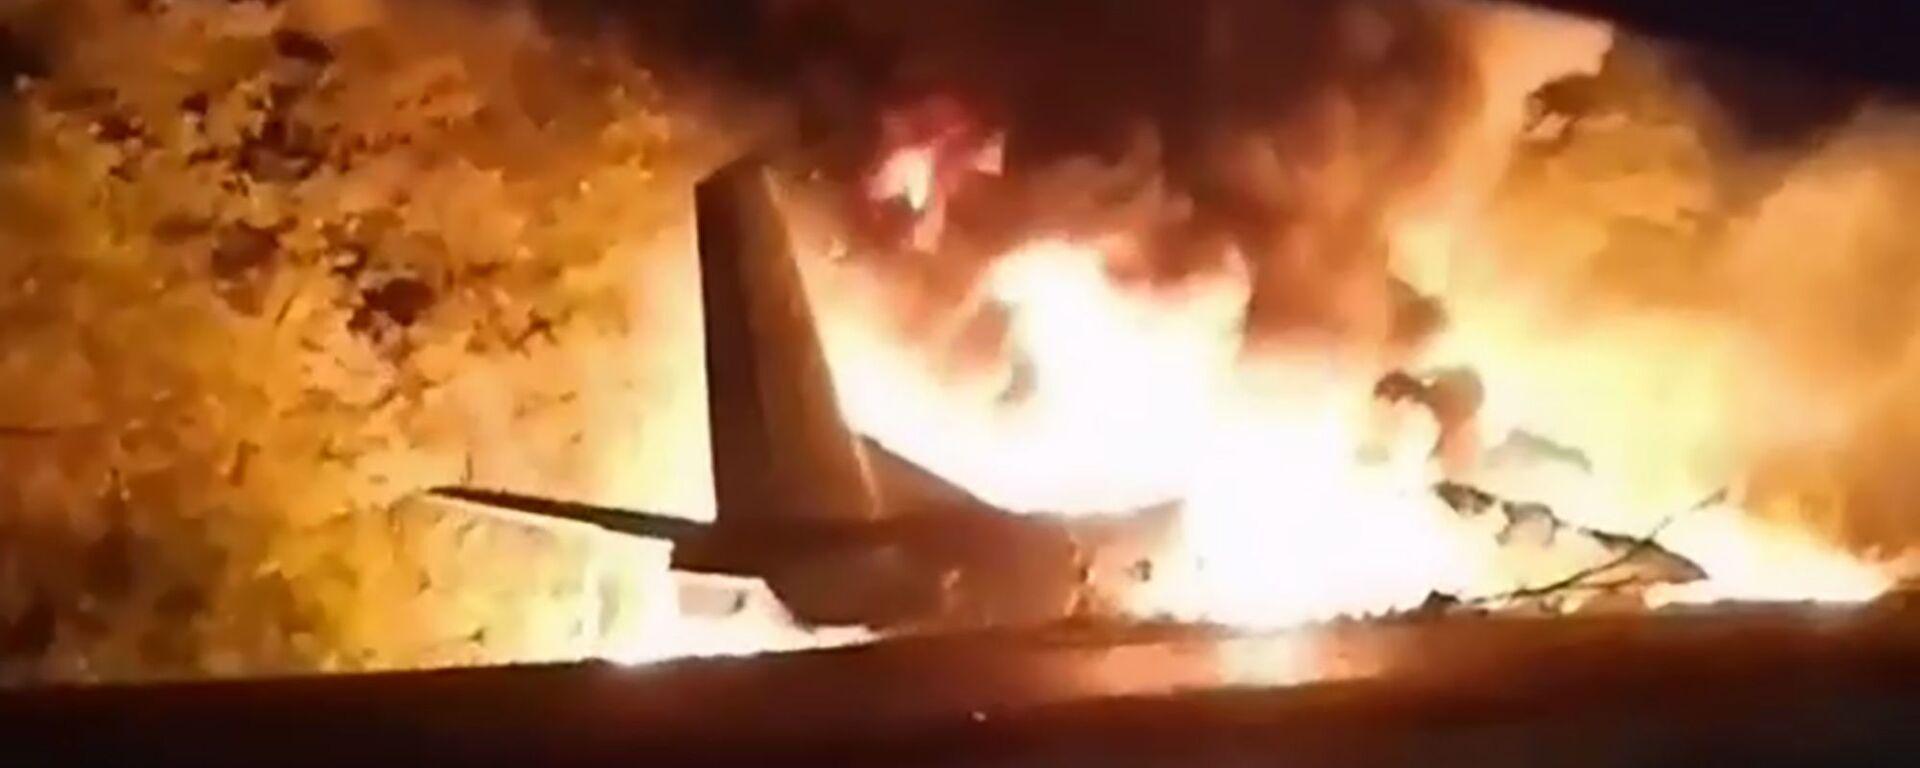 Крушение самолета Ан-26 под Харьковом - Sputnik Таджикистан, 1920, 19.06.2021